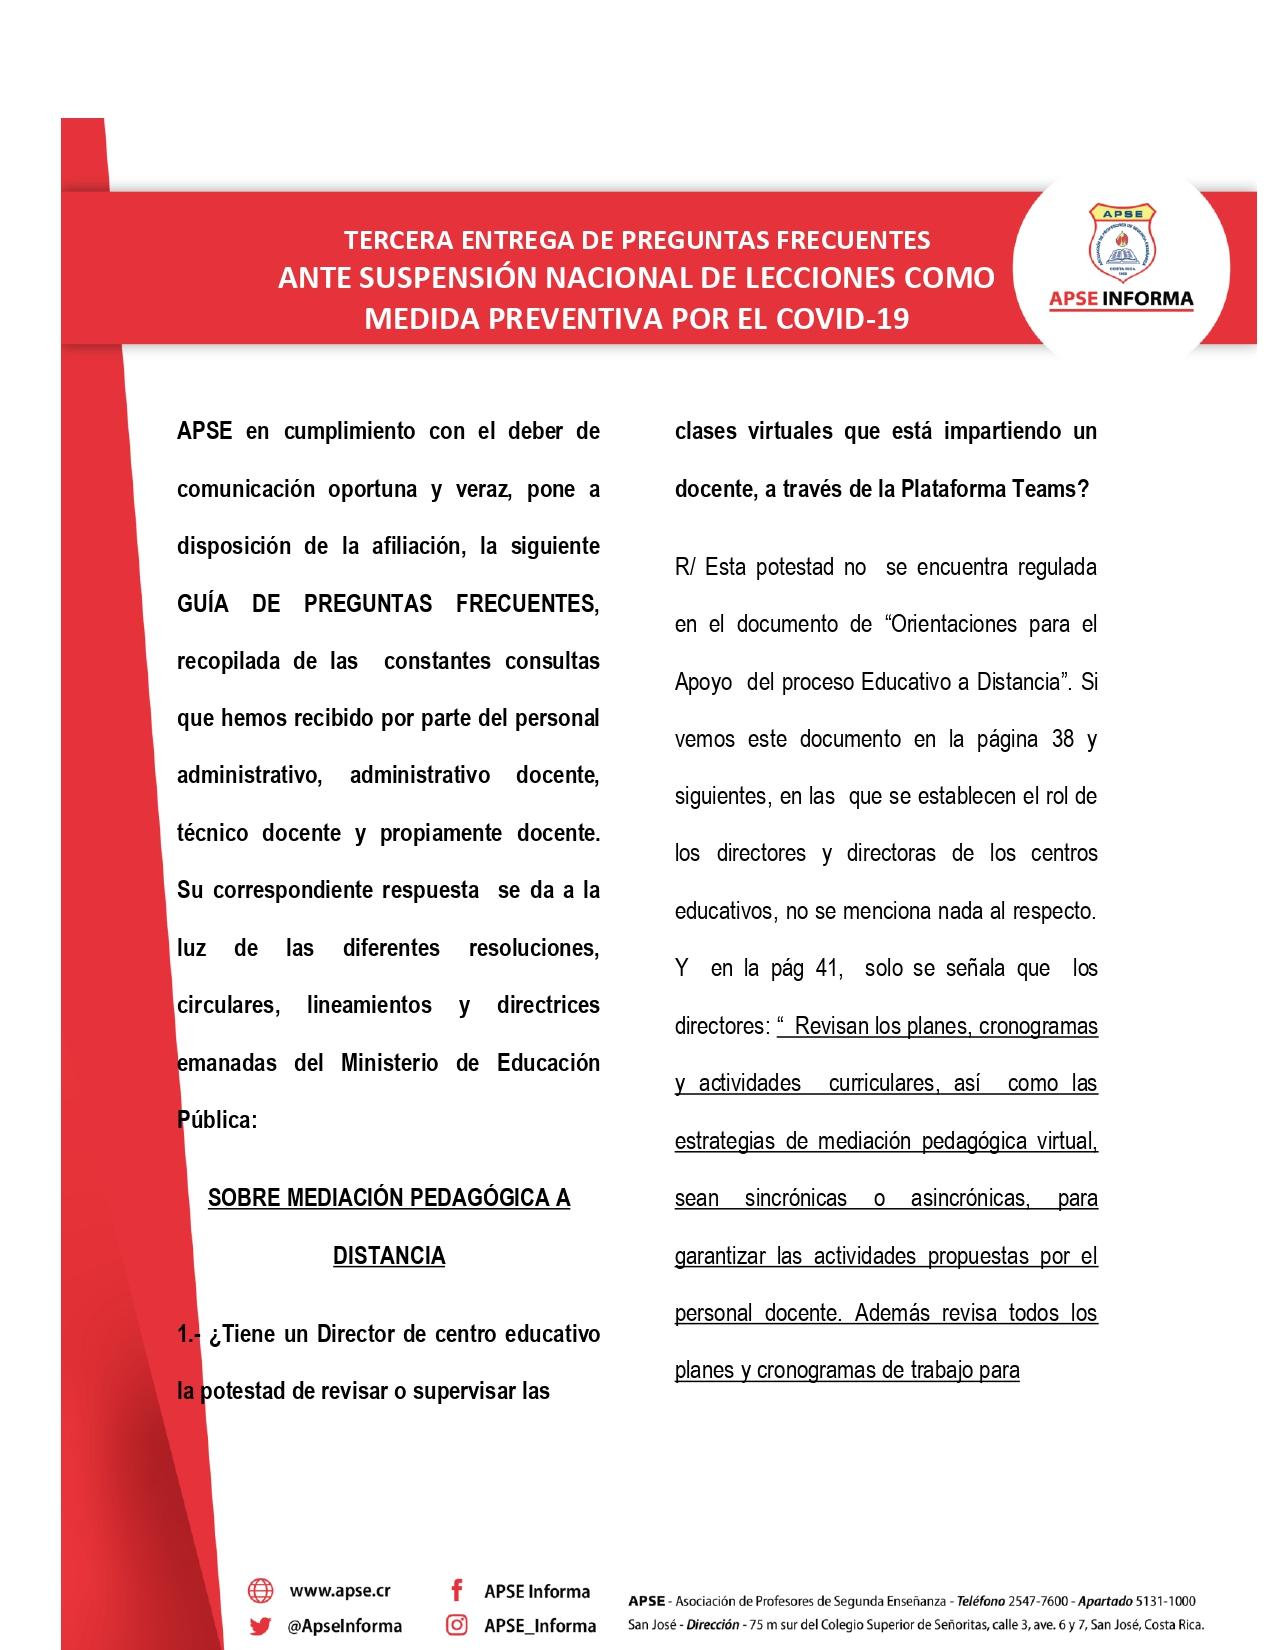 TERCERA ENTREGA DE PREGUNTAS FRECUENTES ANTE SUSPENSIÓN NACIONAL DE LECCIONES COMO MEDIDA PREVENTIVA POR EL COVID-19